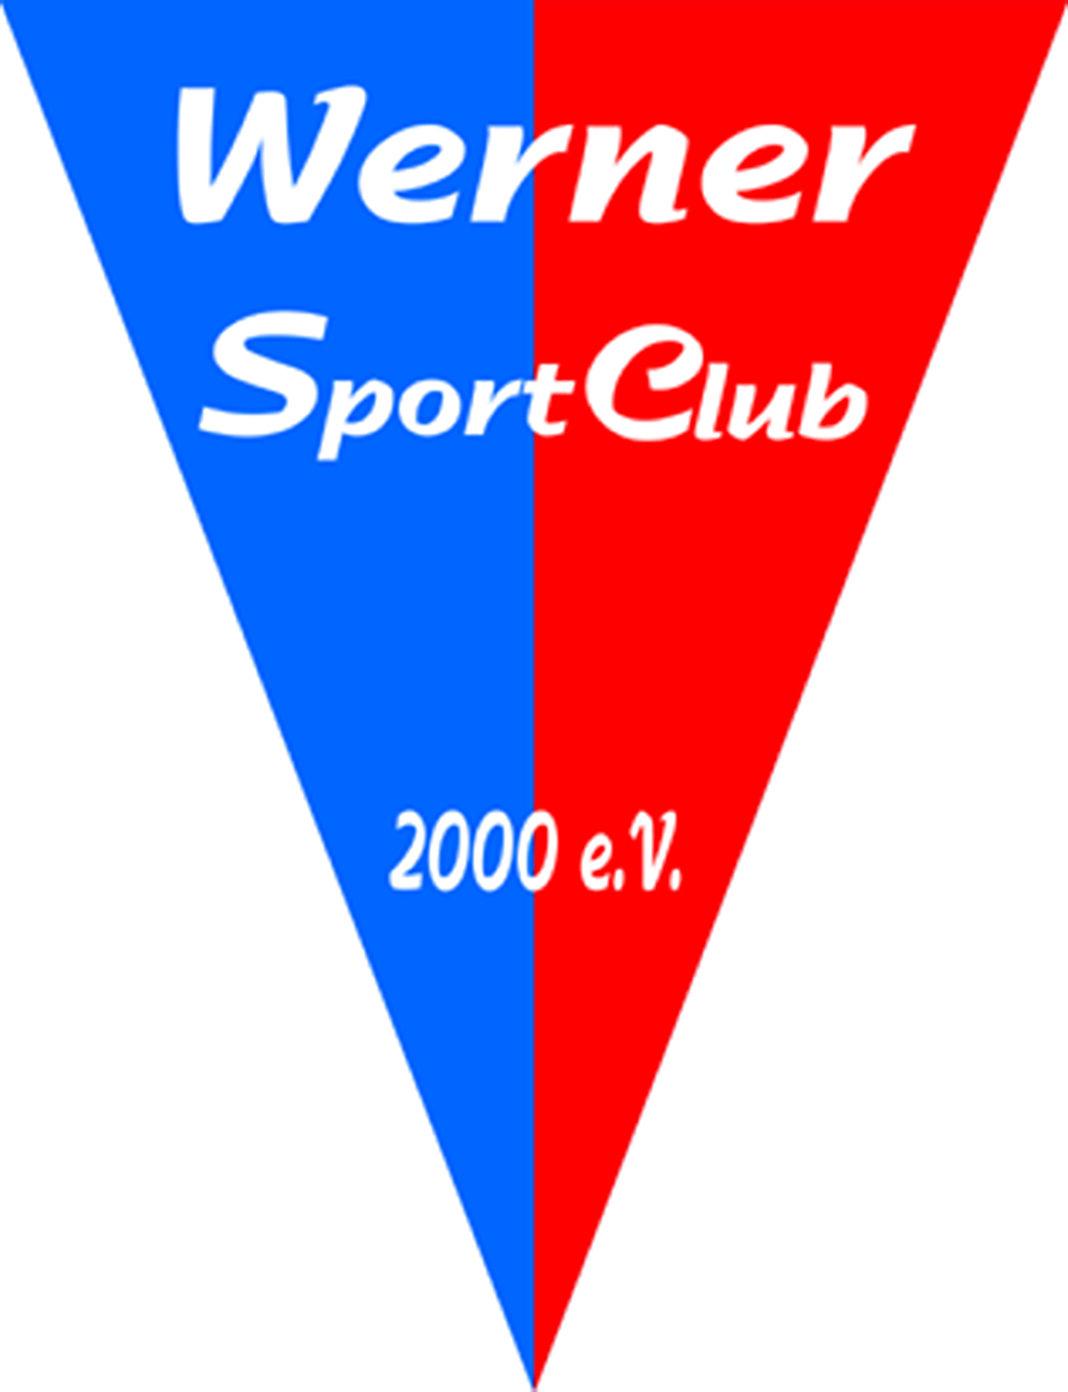 Die TOP 50 Gruppe musste viele Veranstaltungen absagen, bietet ihren Mitgliedern aber ein Schnitzelessen dahoam an. Foto: Werner SC 2000